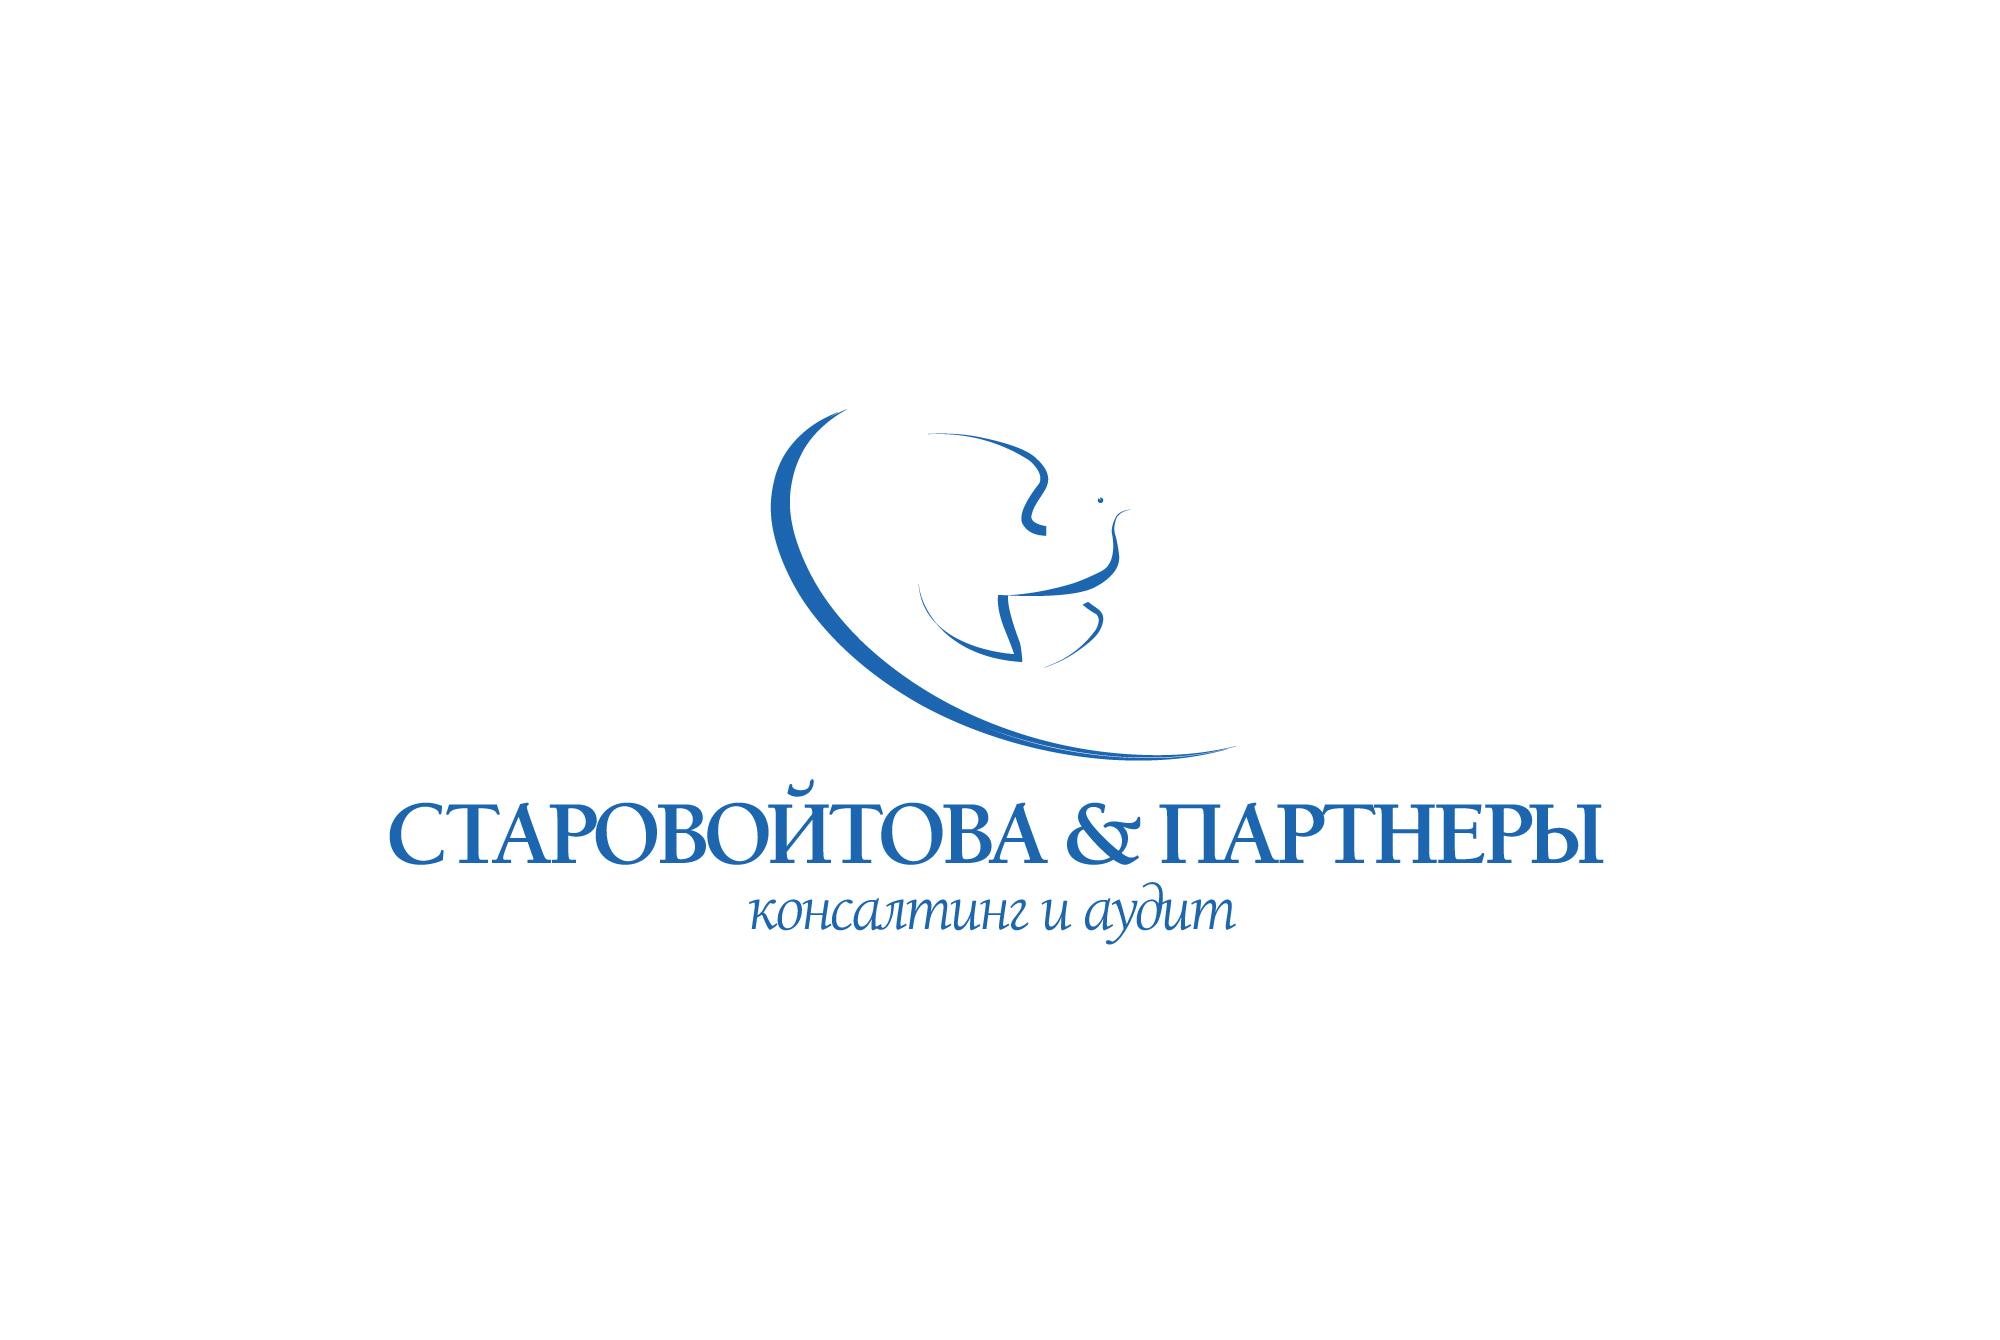 Аудиторская компания Елены Старовойтовой.